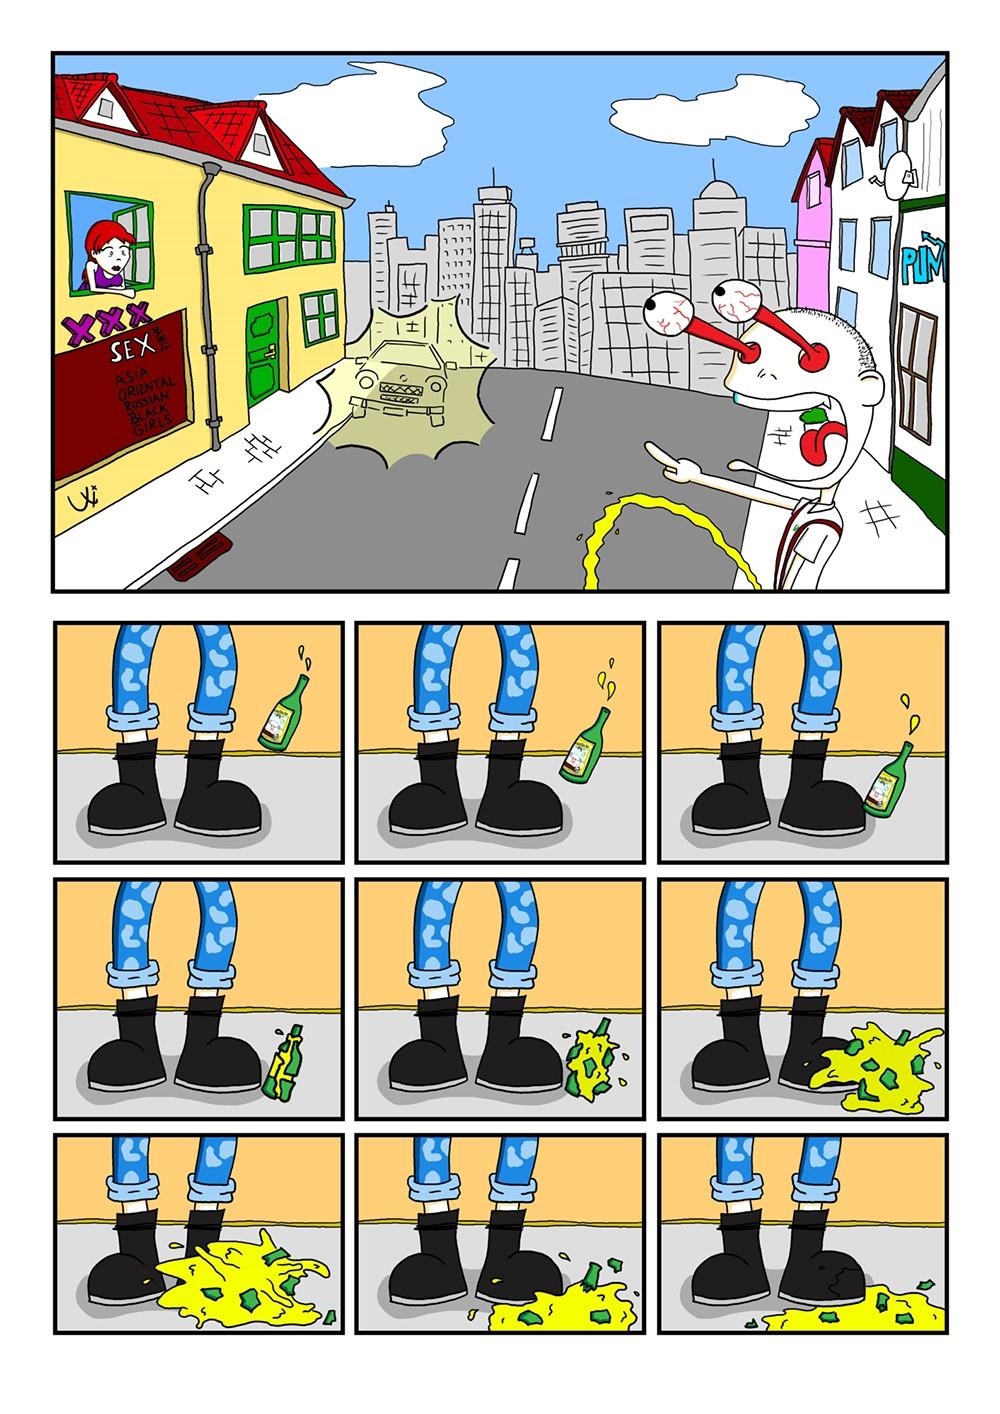 Seite 08 – Punks'n'Banters Comic